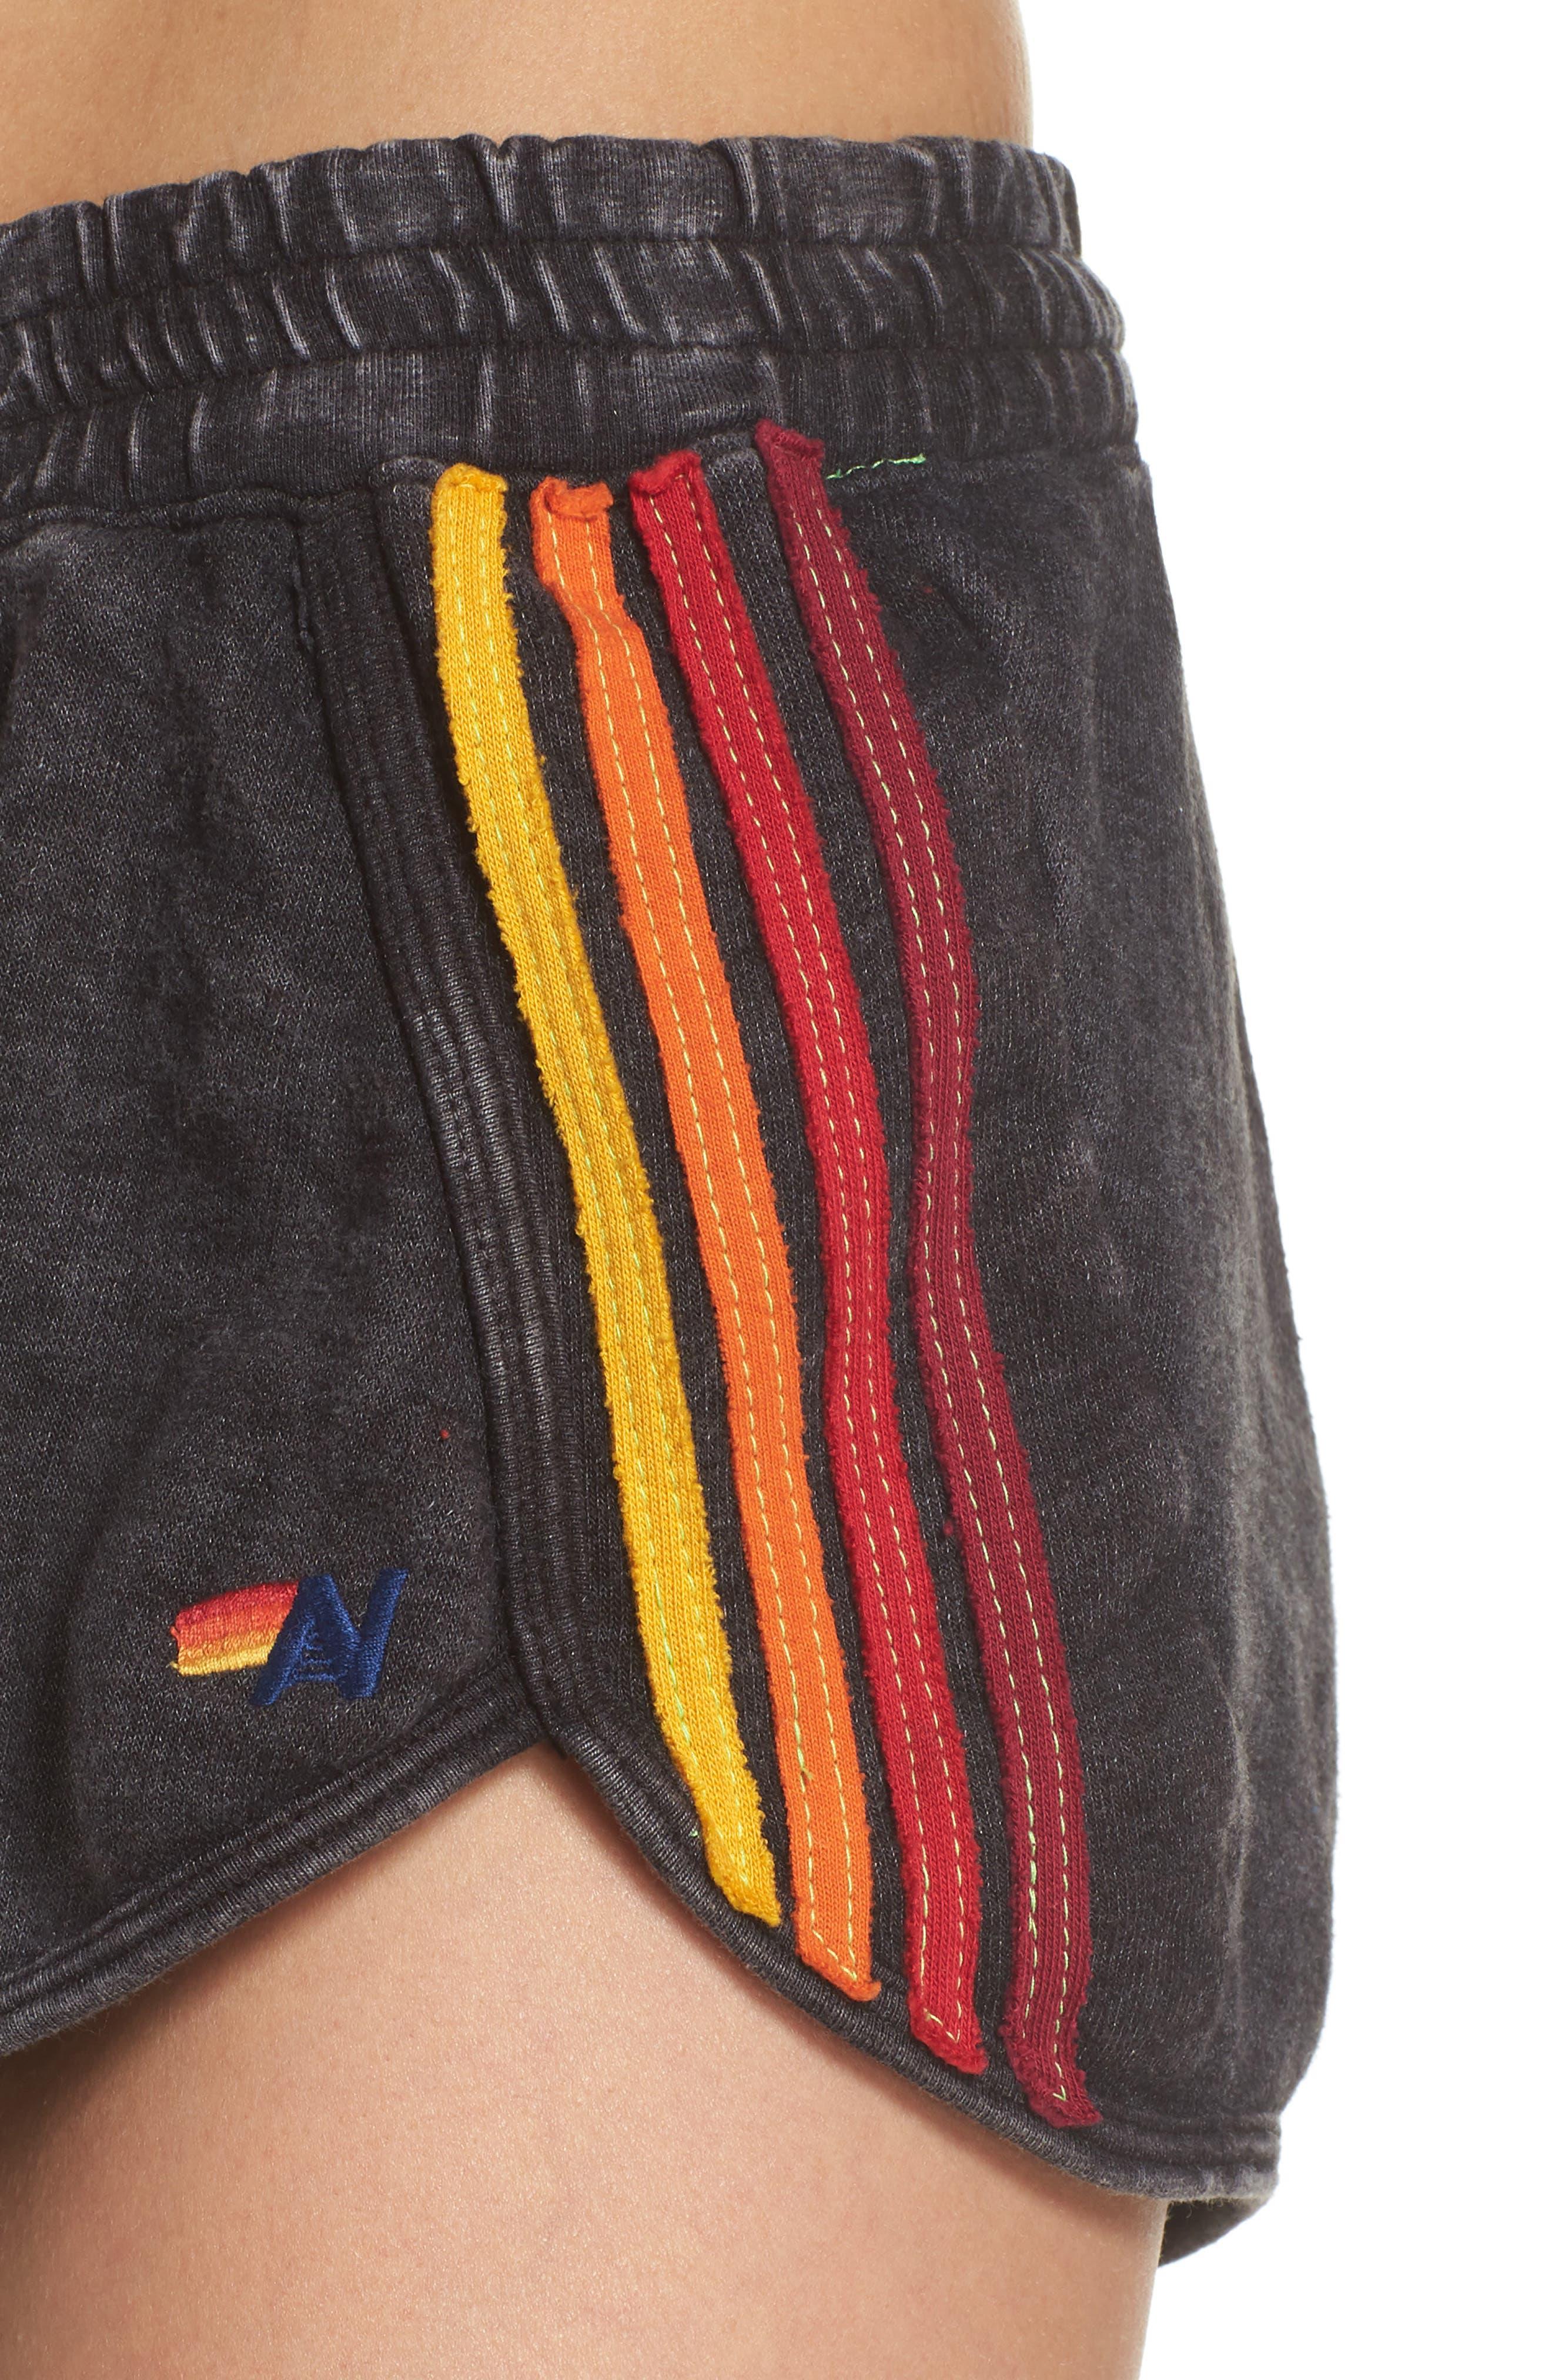 Five Stripe Shorts,                             Alternate thumbnail 4, color,                             060